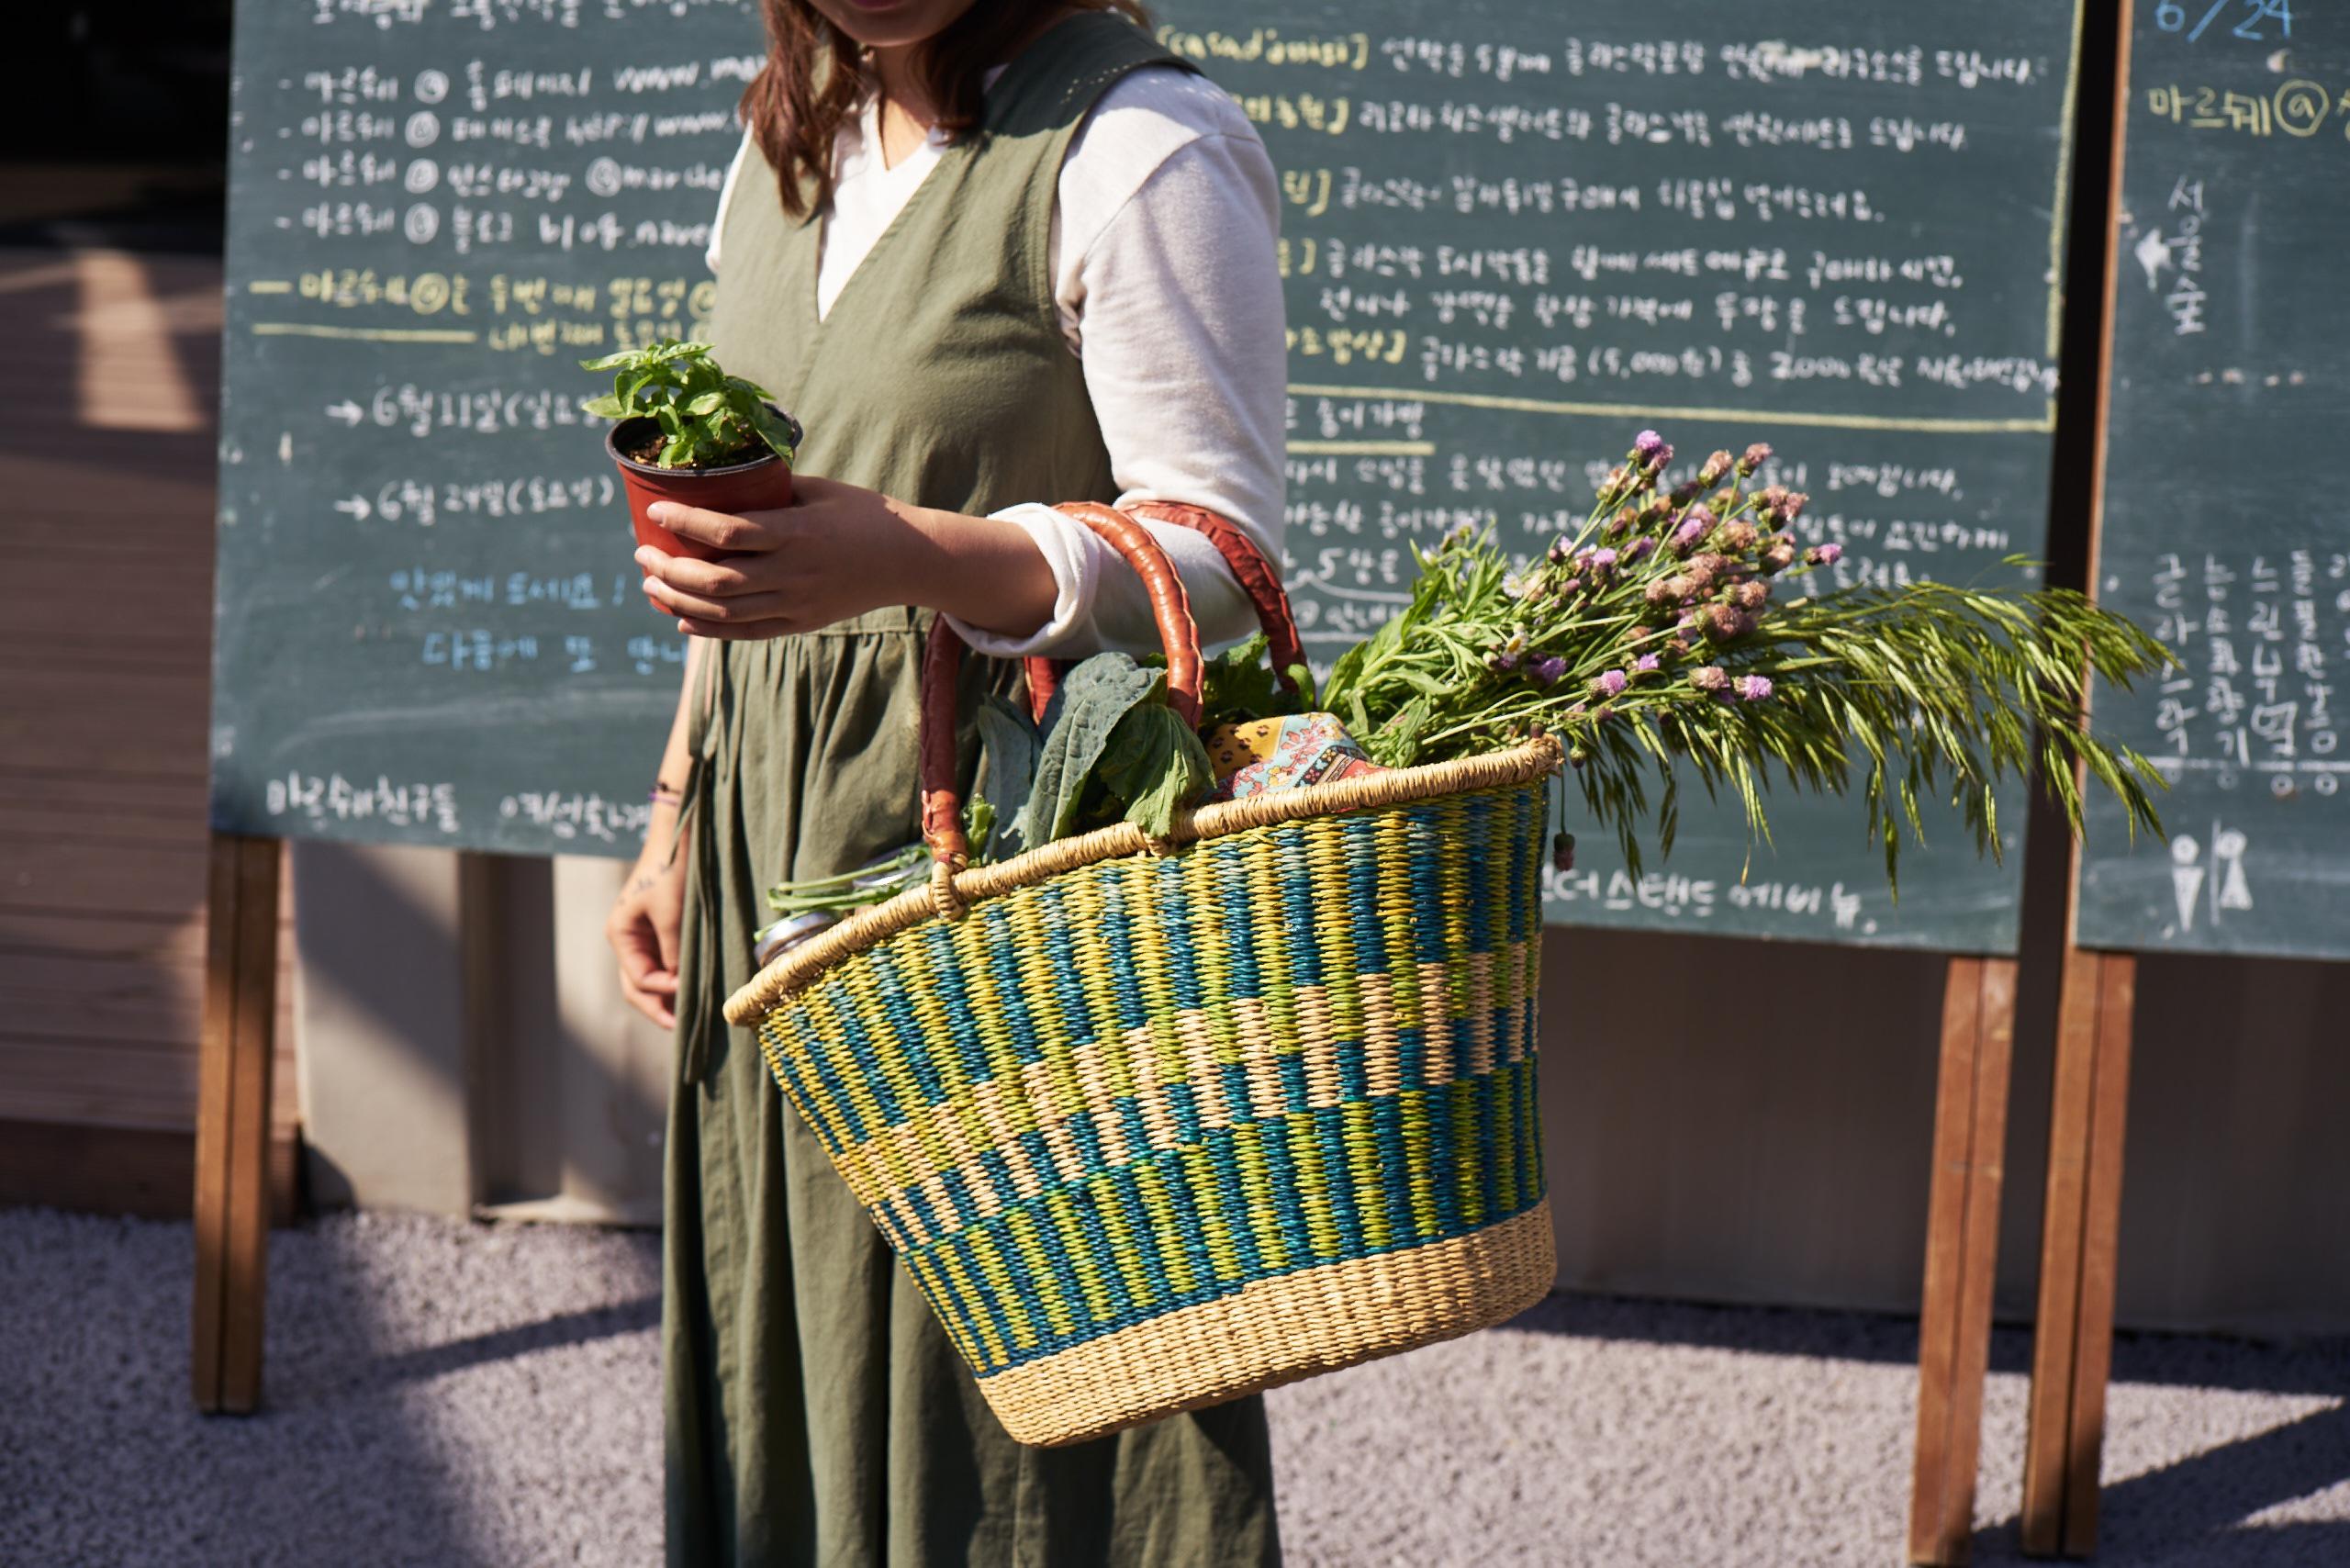 [채용](사)농부시장 마르쉐에서 함께 일할 사람을 찾습니다.(~3/20)